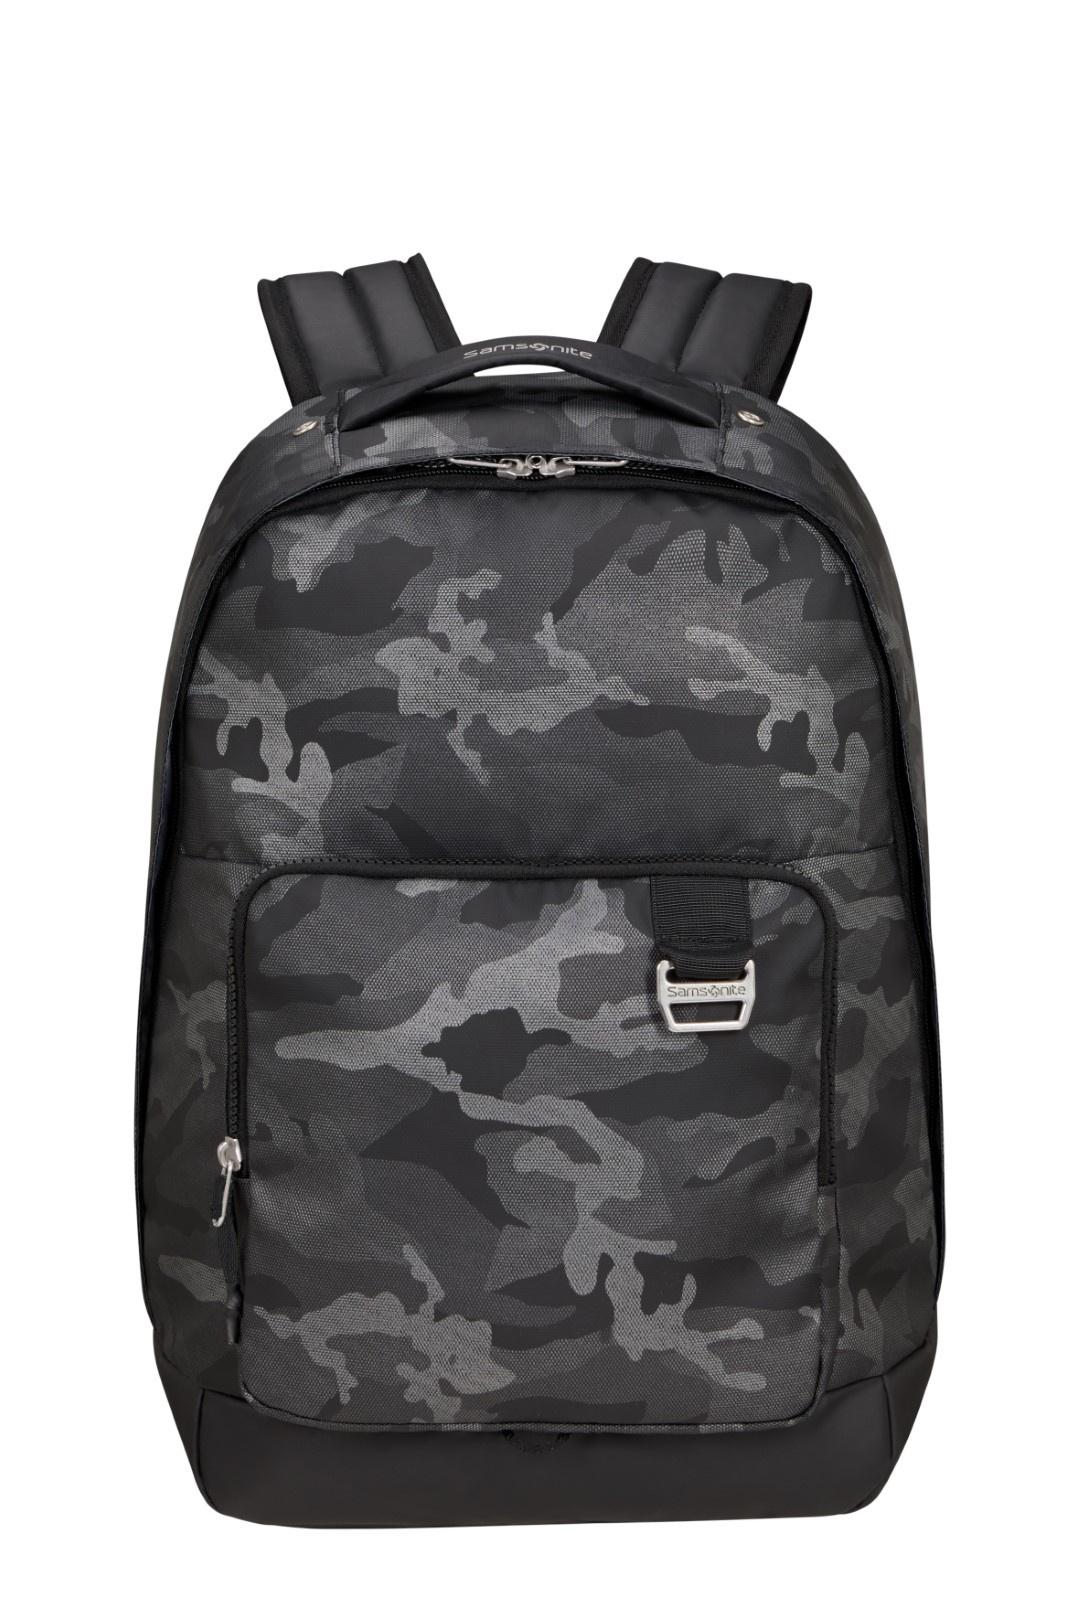 Samsonite Midtown Laptop Backpack M Camo Grey